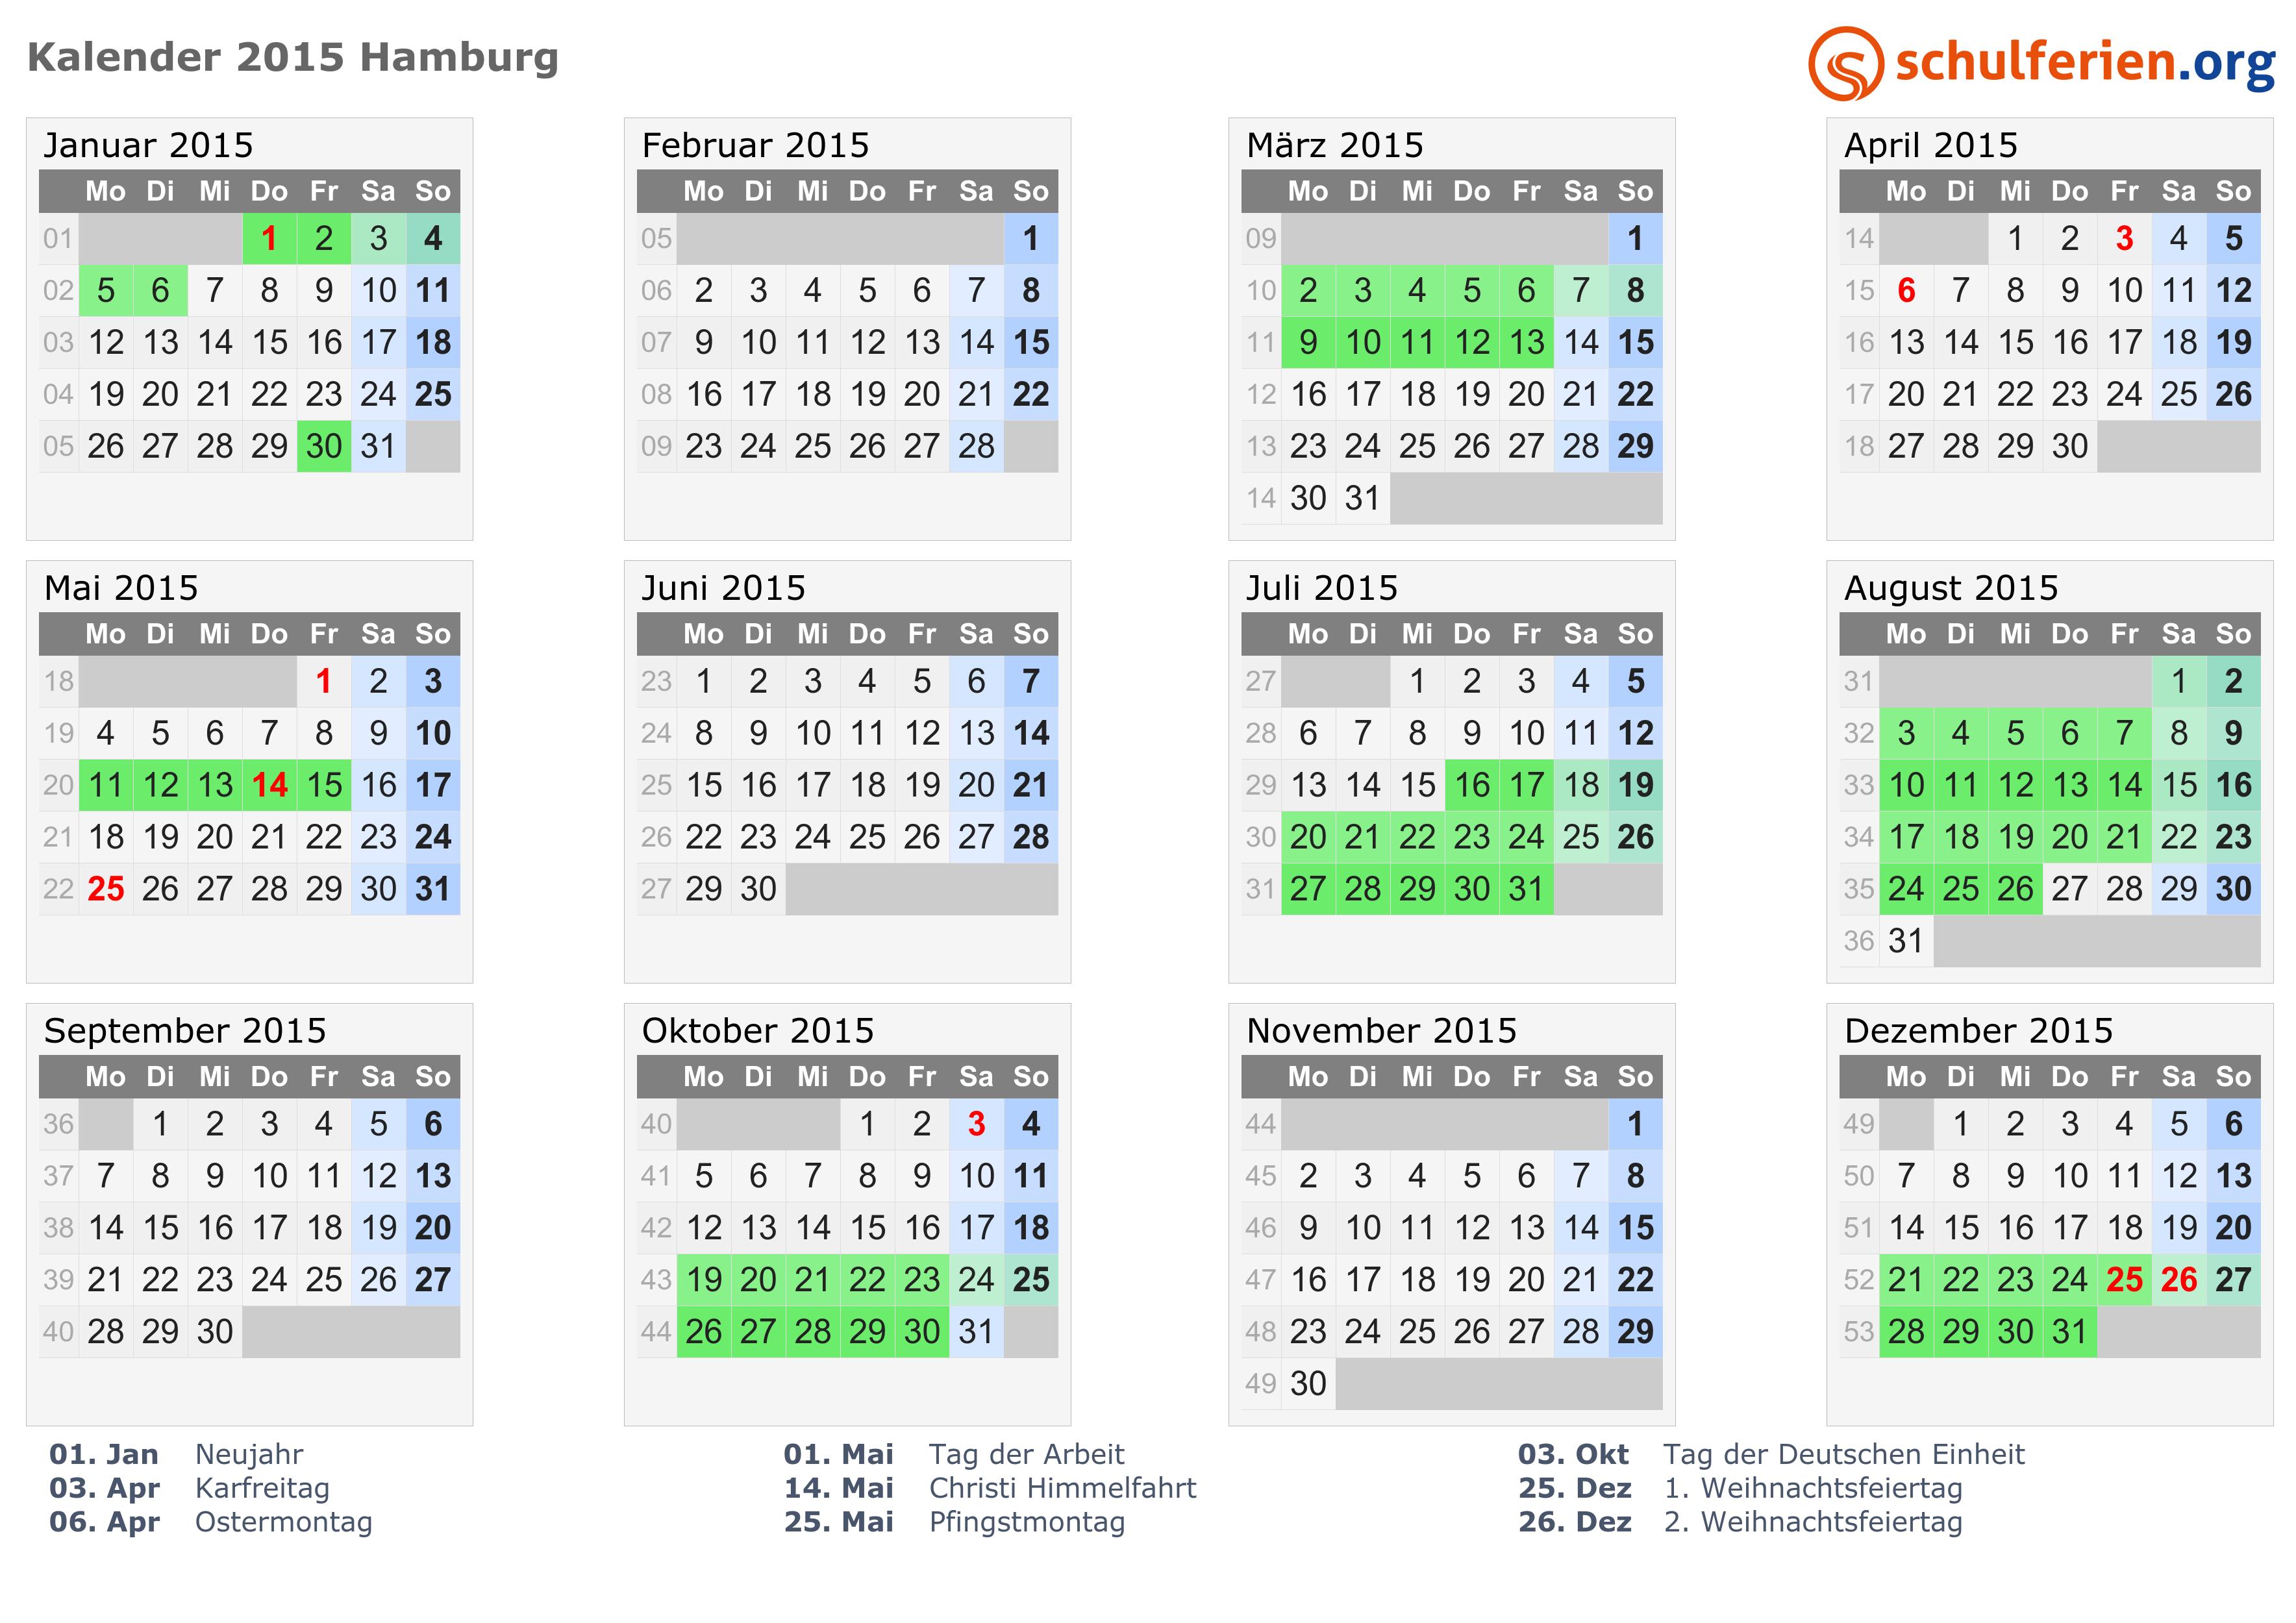 Schön Monatliche Kalendervorlagen 2015 Zeitgenössisch - Entry Level ...